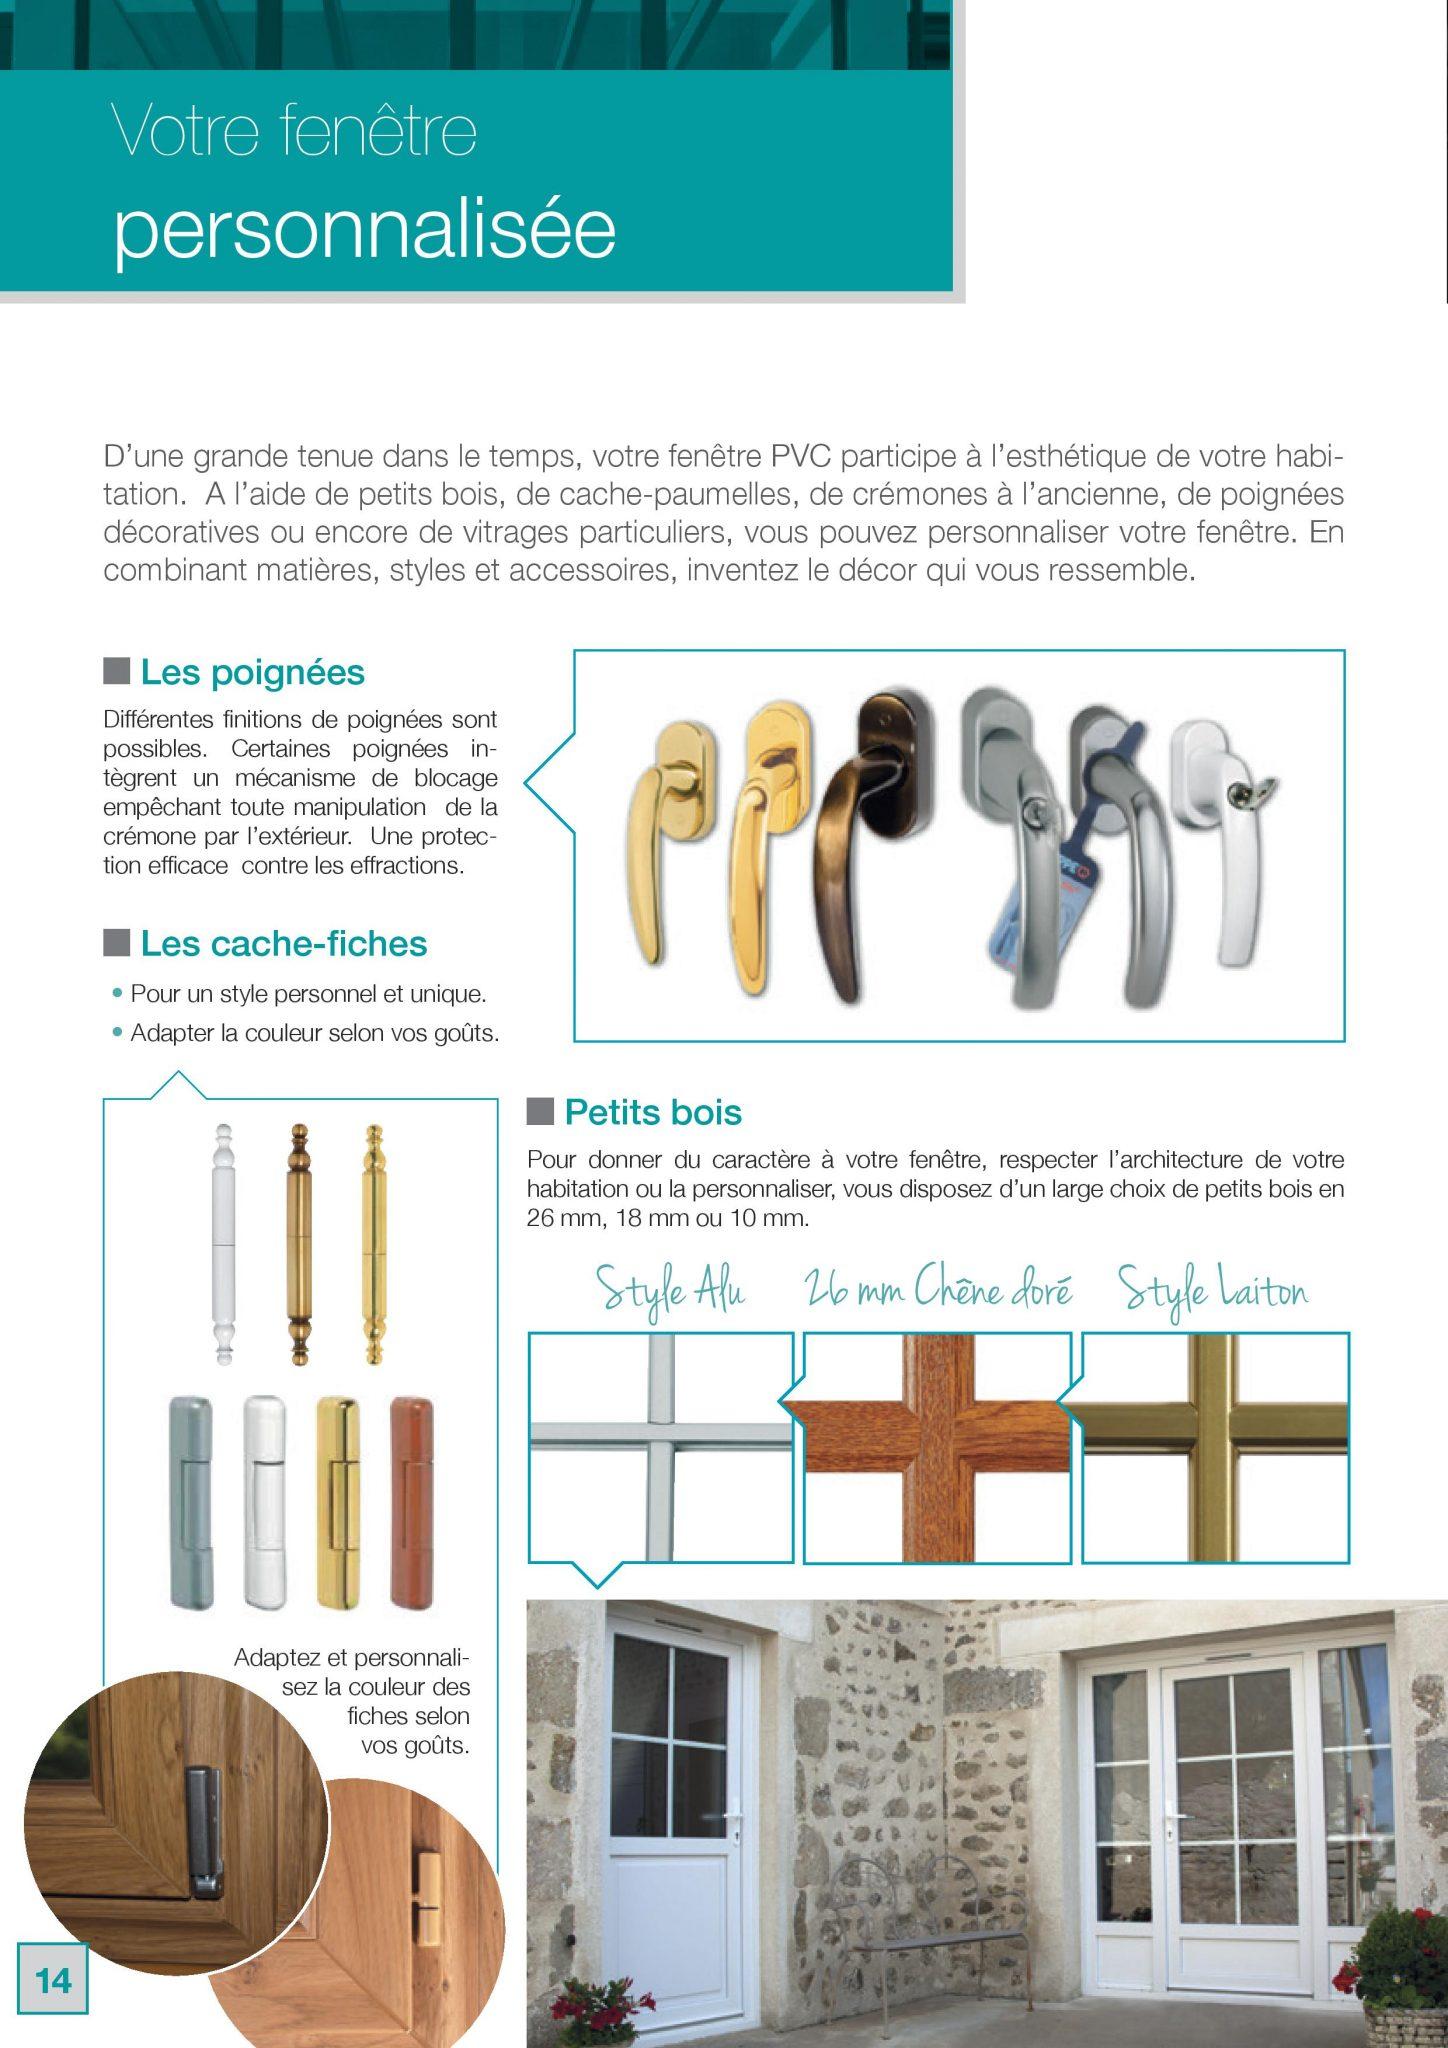 Fenêtres Clément PVC personnalisée